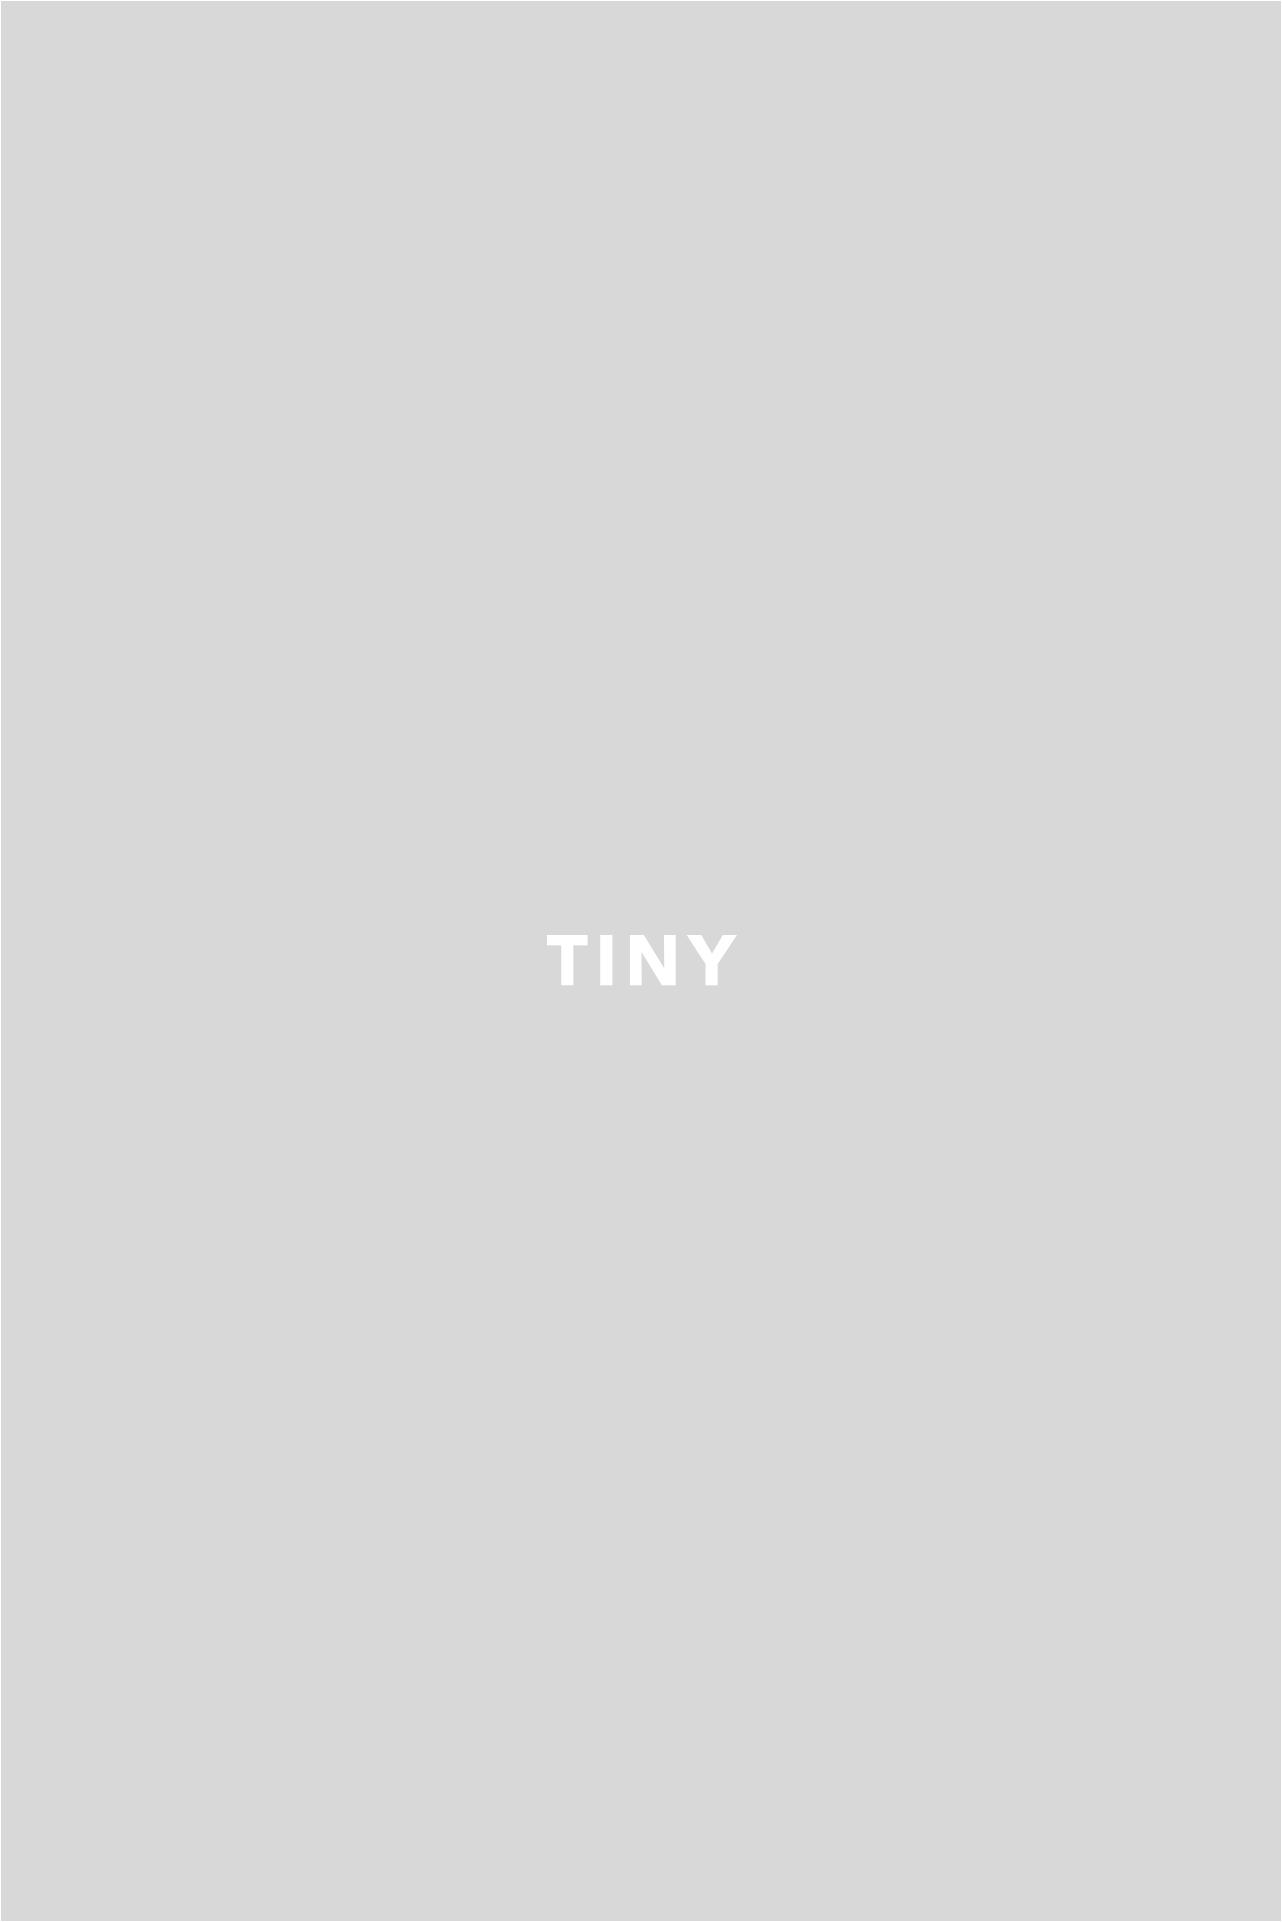 KIKKERLAND - Wood Magnifier